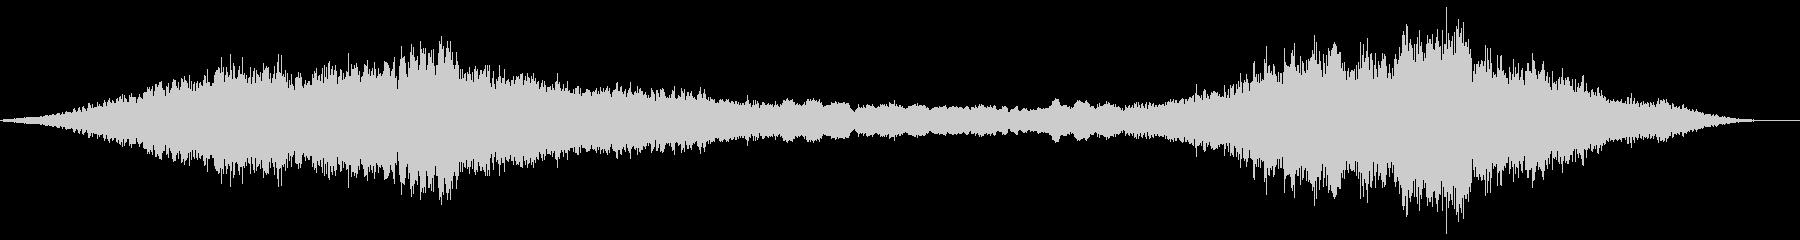 【ダークアンビエント】神殿の中_02の未再生の波形